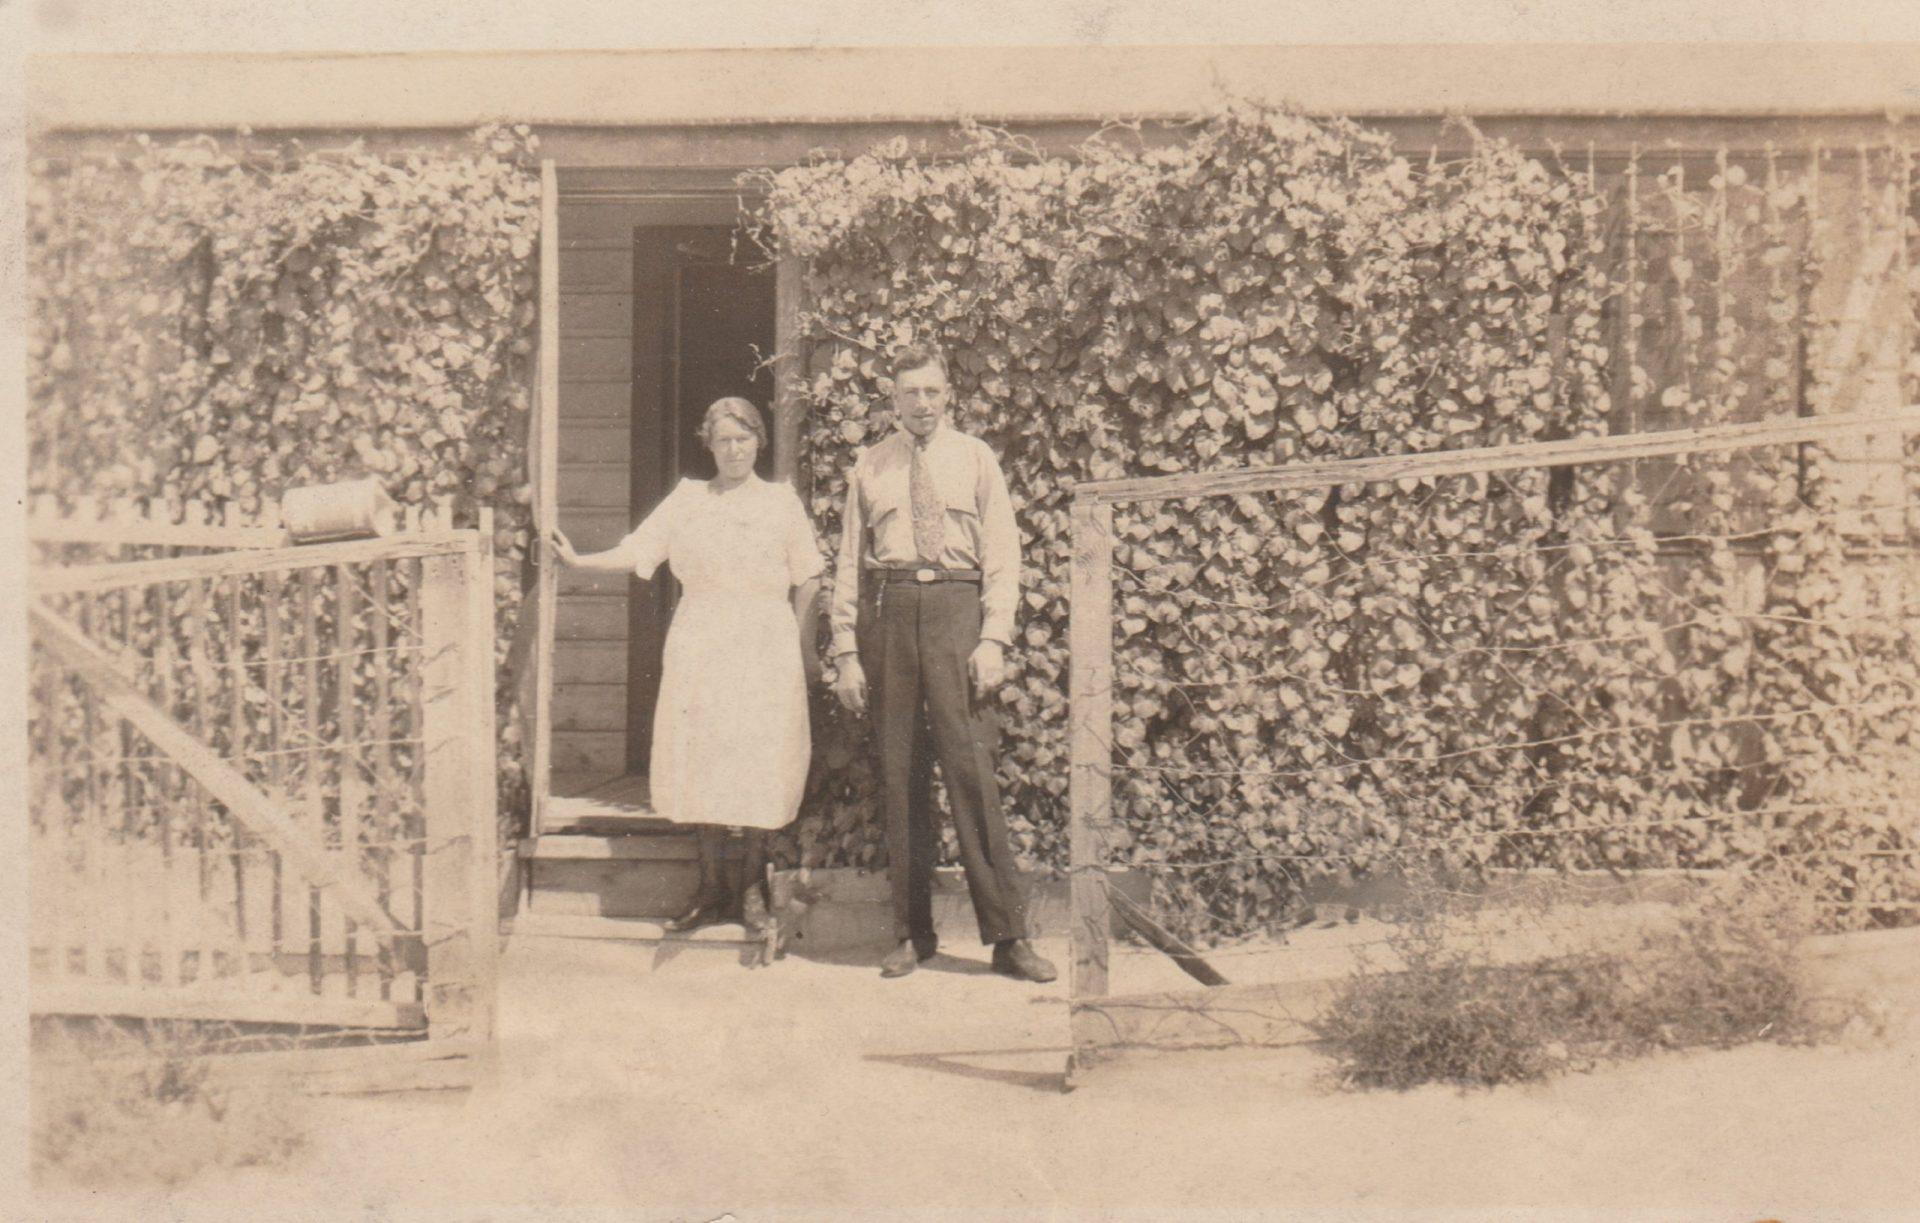 Irma Vangheluwe and Charles Kerckhove in Tonopah, 1921.